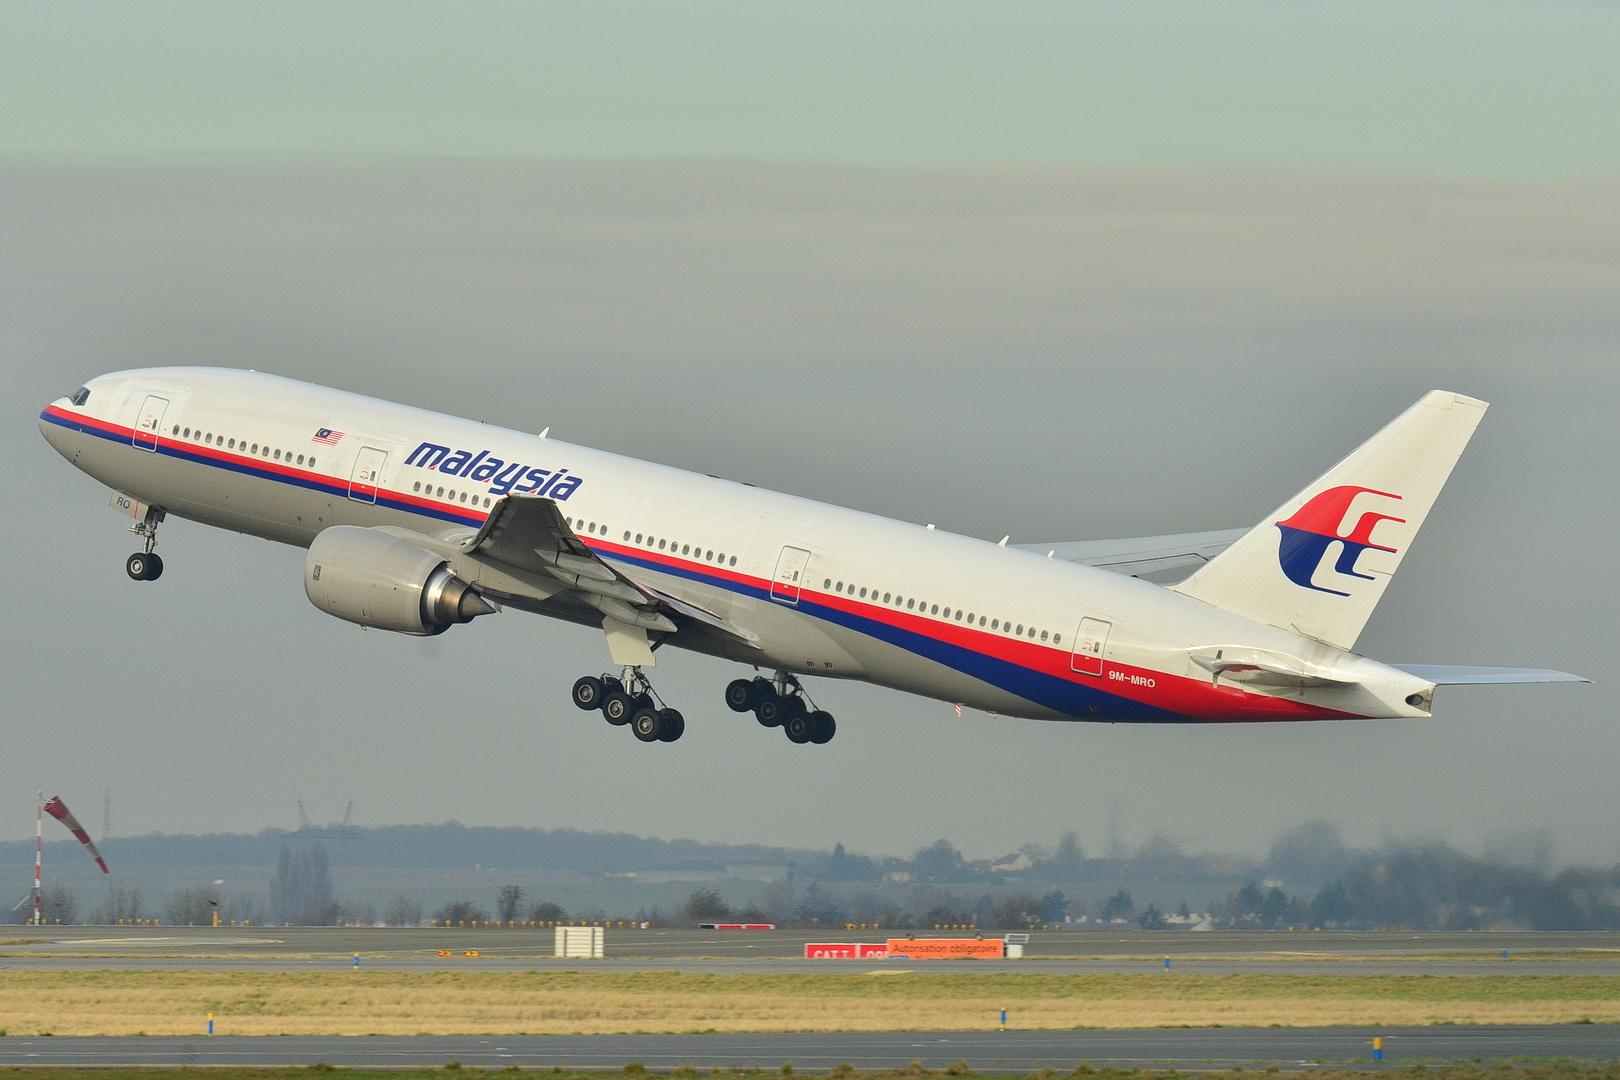 Em crise, Malaysia Airlines demitirá 6 mil funcionários